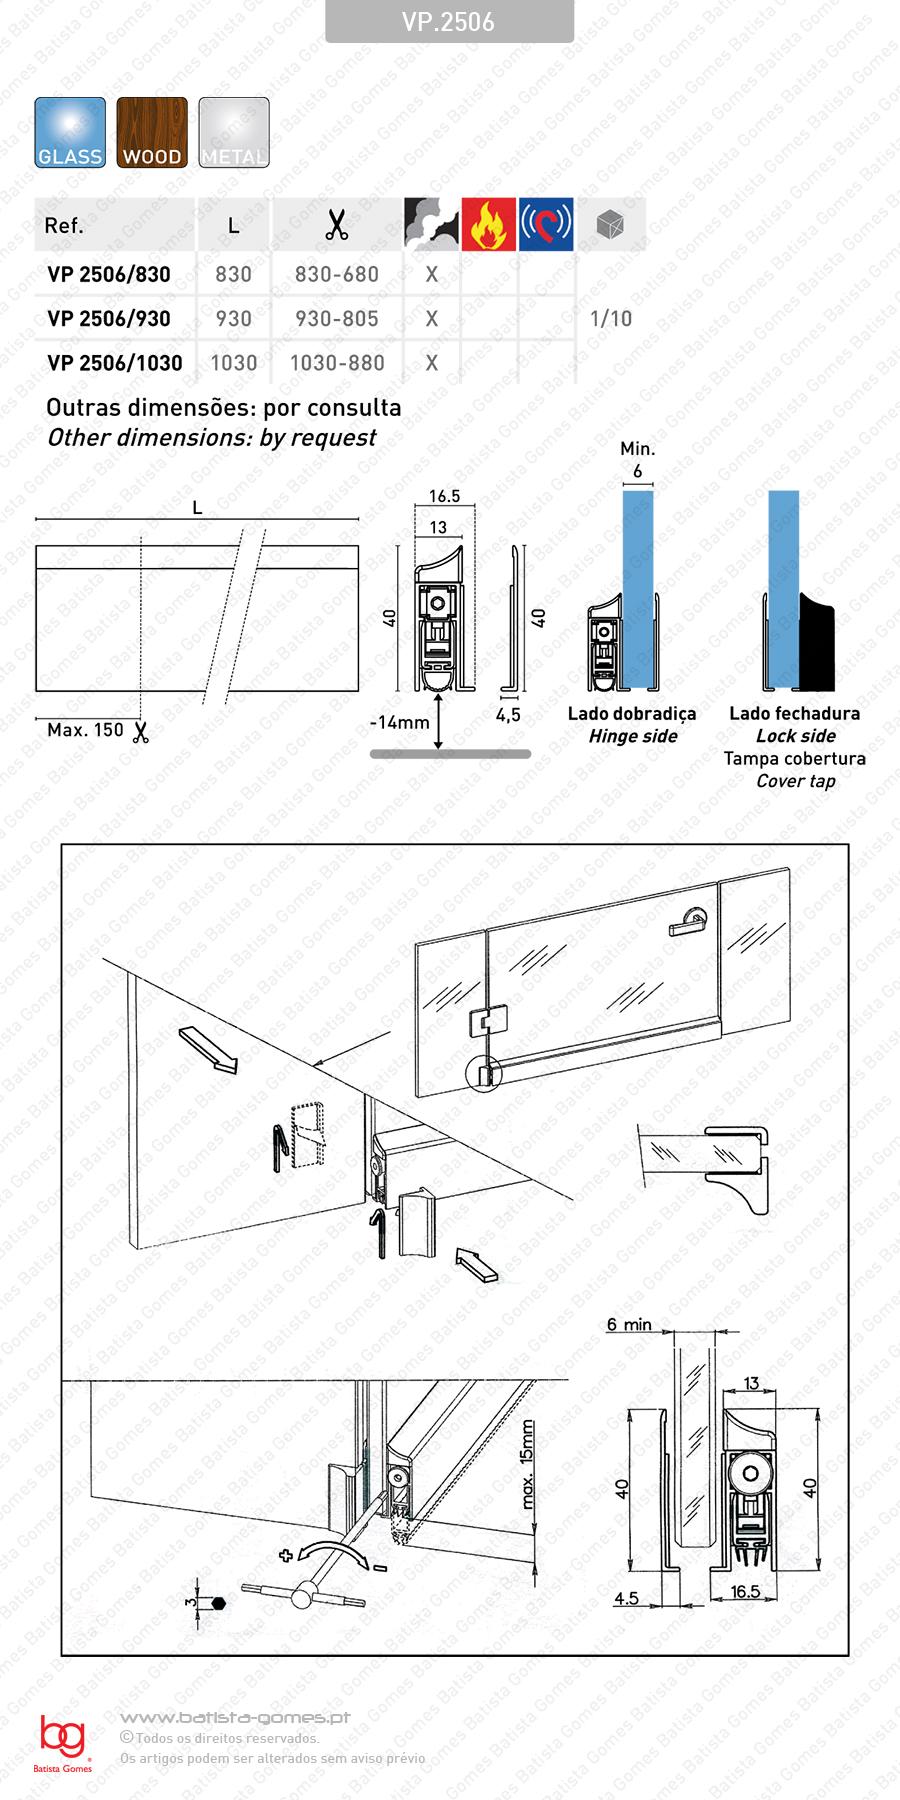 Veda portas sobrepôr para portas de vidro, madeira e metálicas